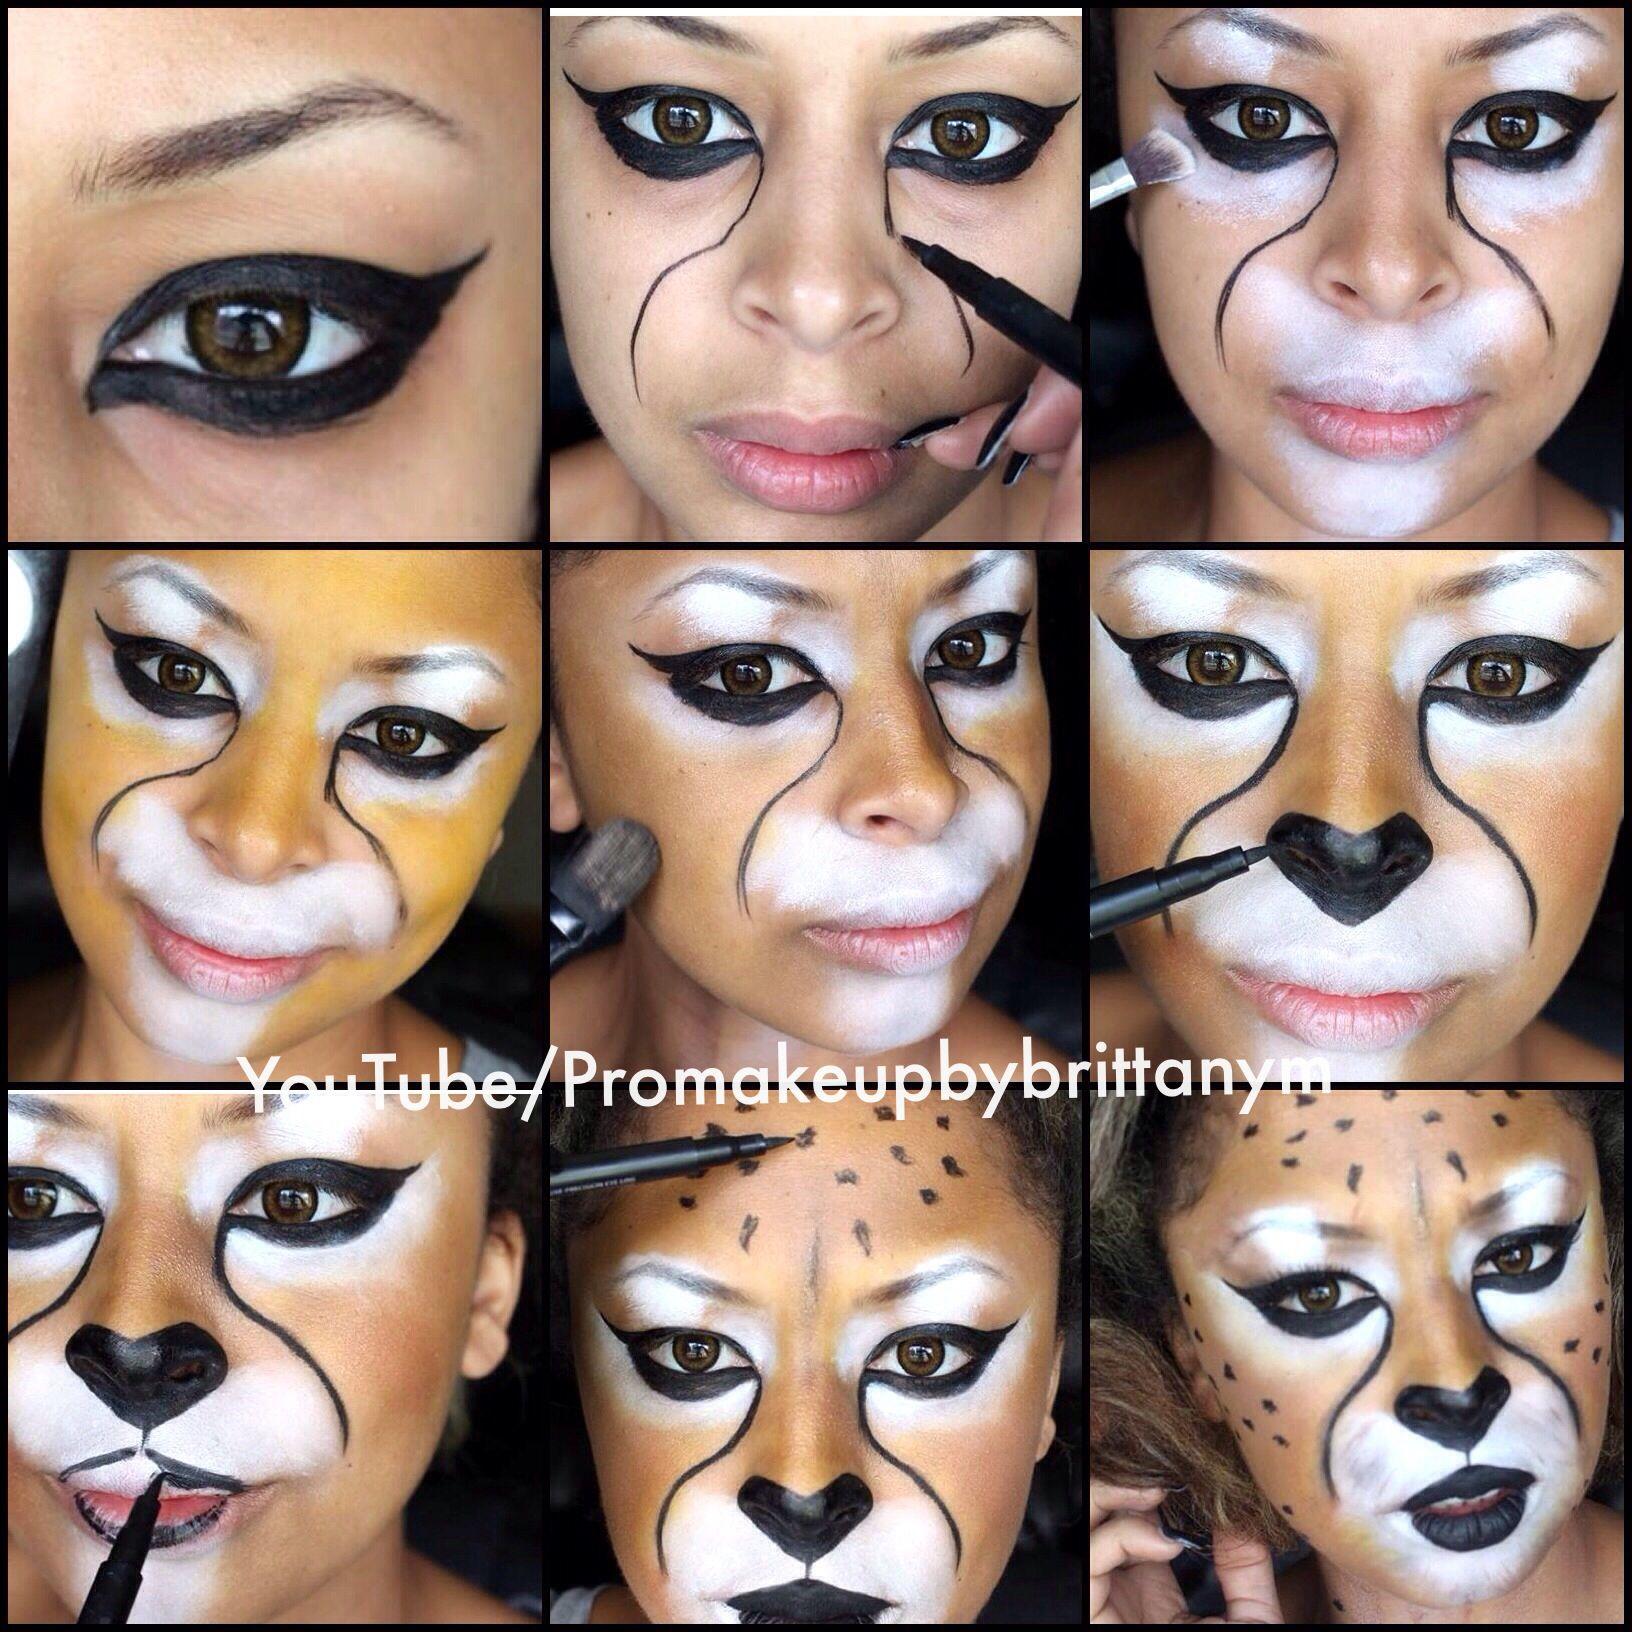 Cheetah Halloween Costume Makeup Tutorial | Makeup inspiration ...